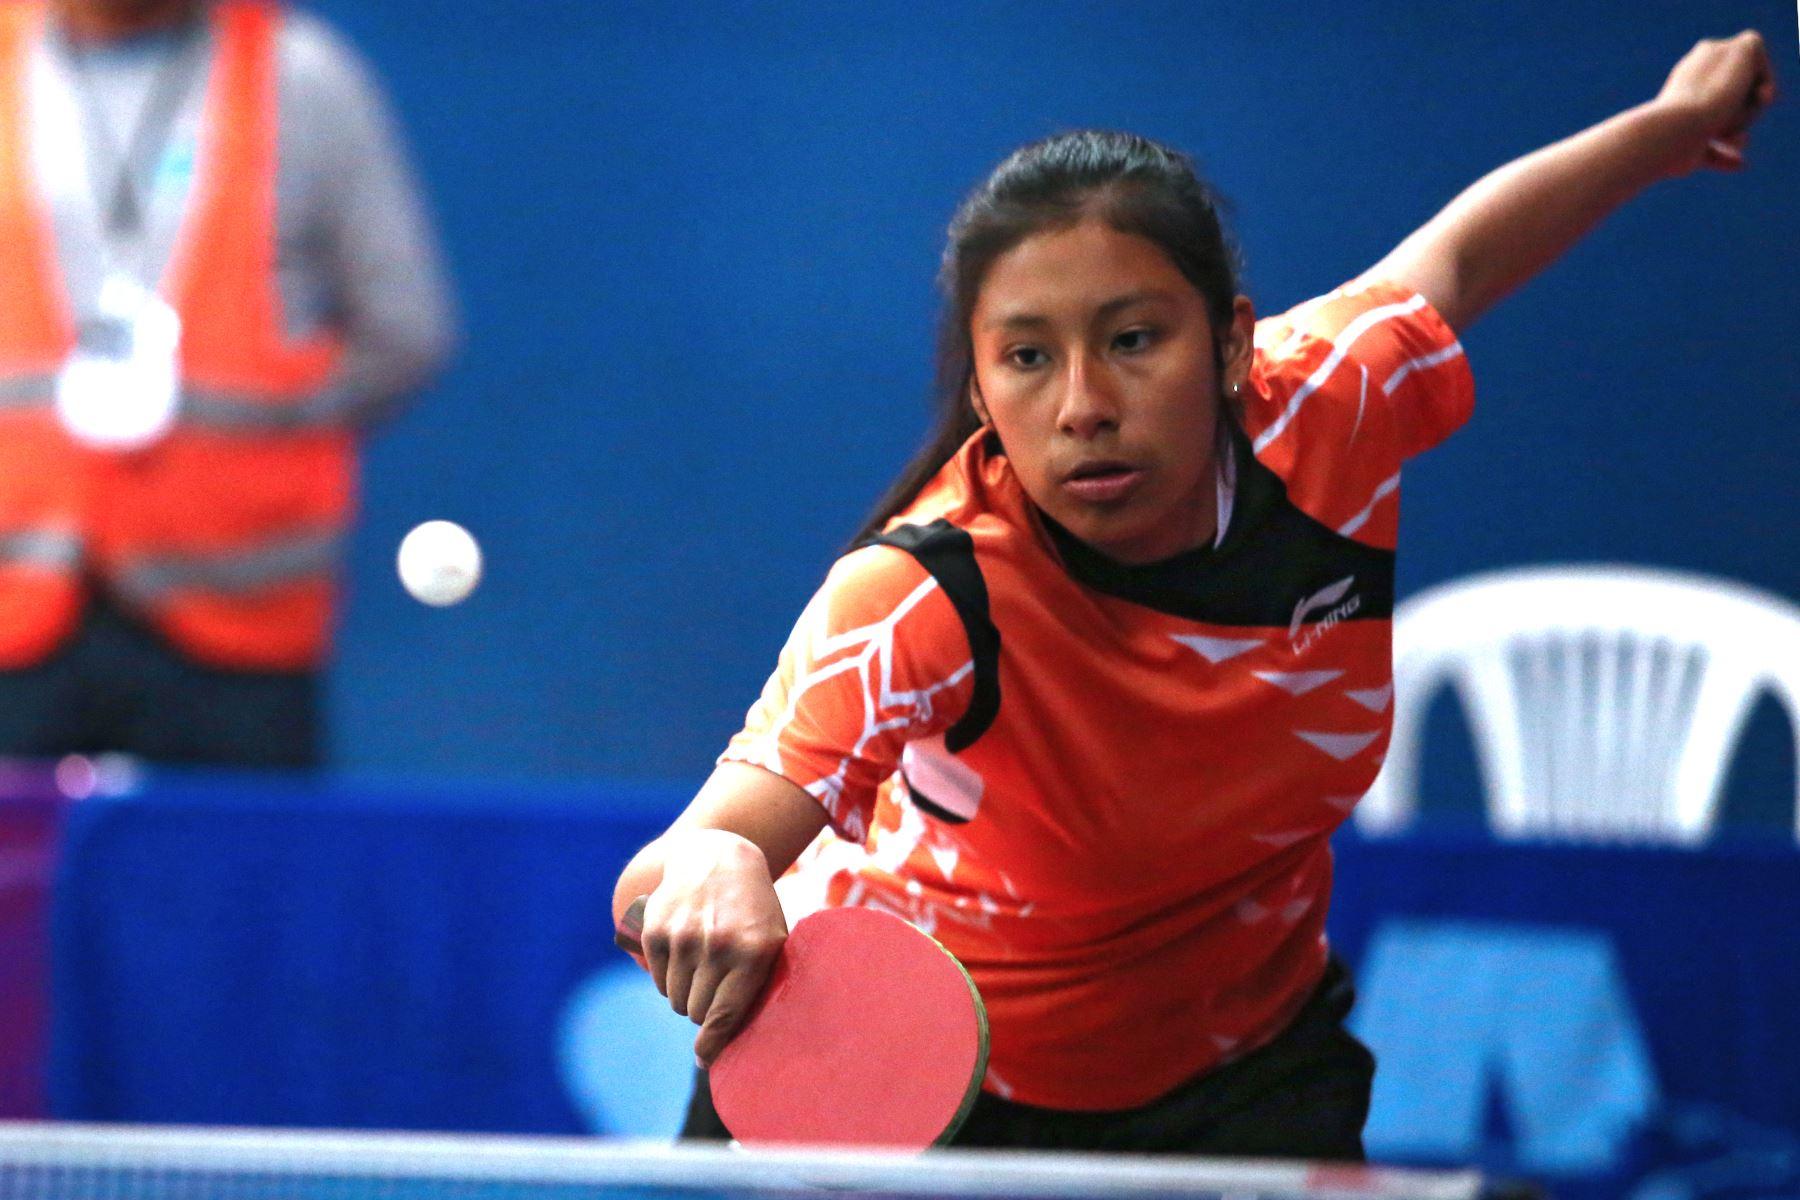 Francesca Joana Escobedo Chuiso del Colegio Santa Ana de La Cusco participa en categoría Tenis de Mesa de los Juegos Escolares 2019. Foto: ANDINA/Vidal Tarqui